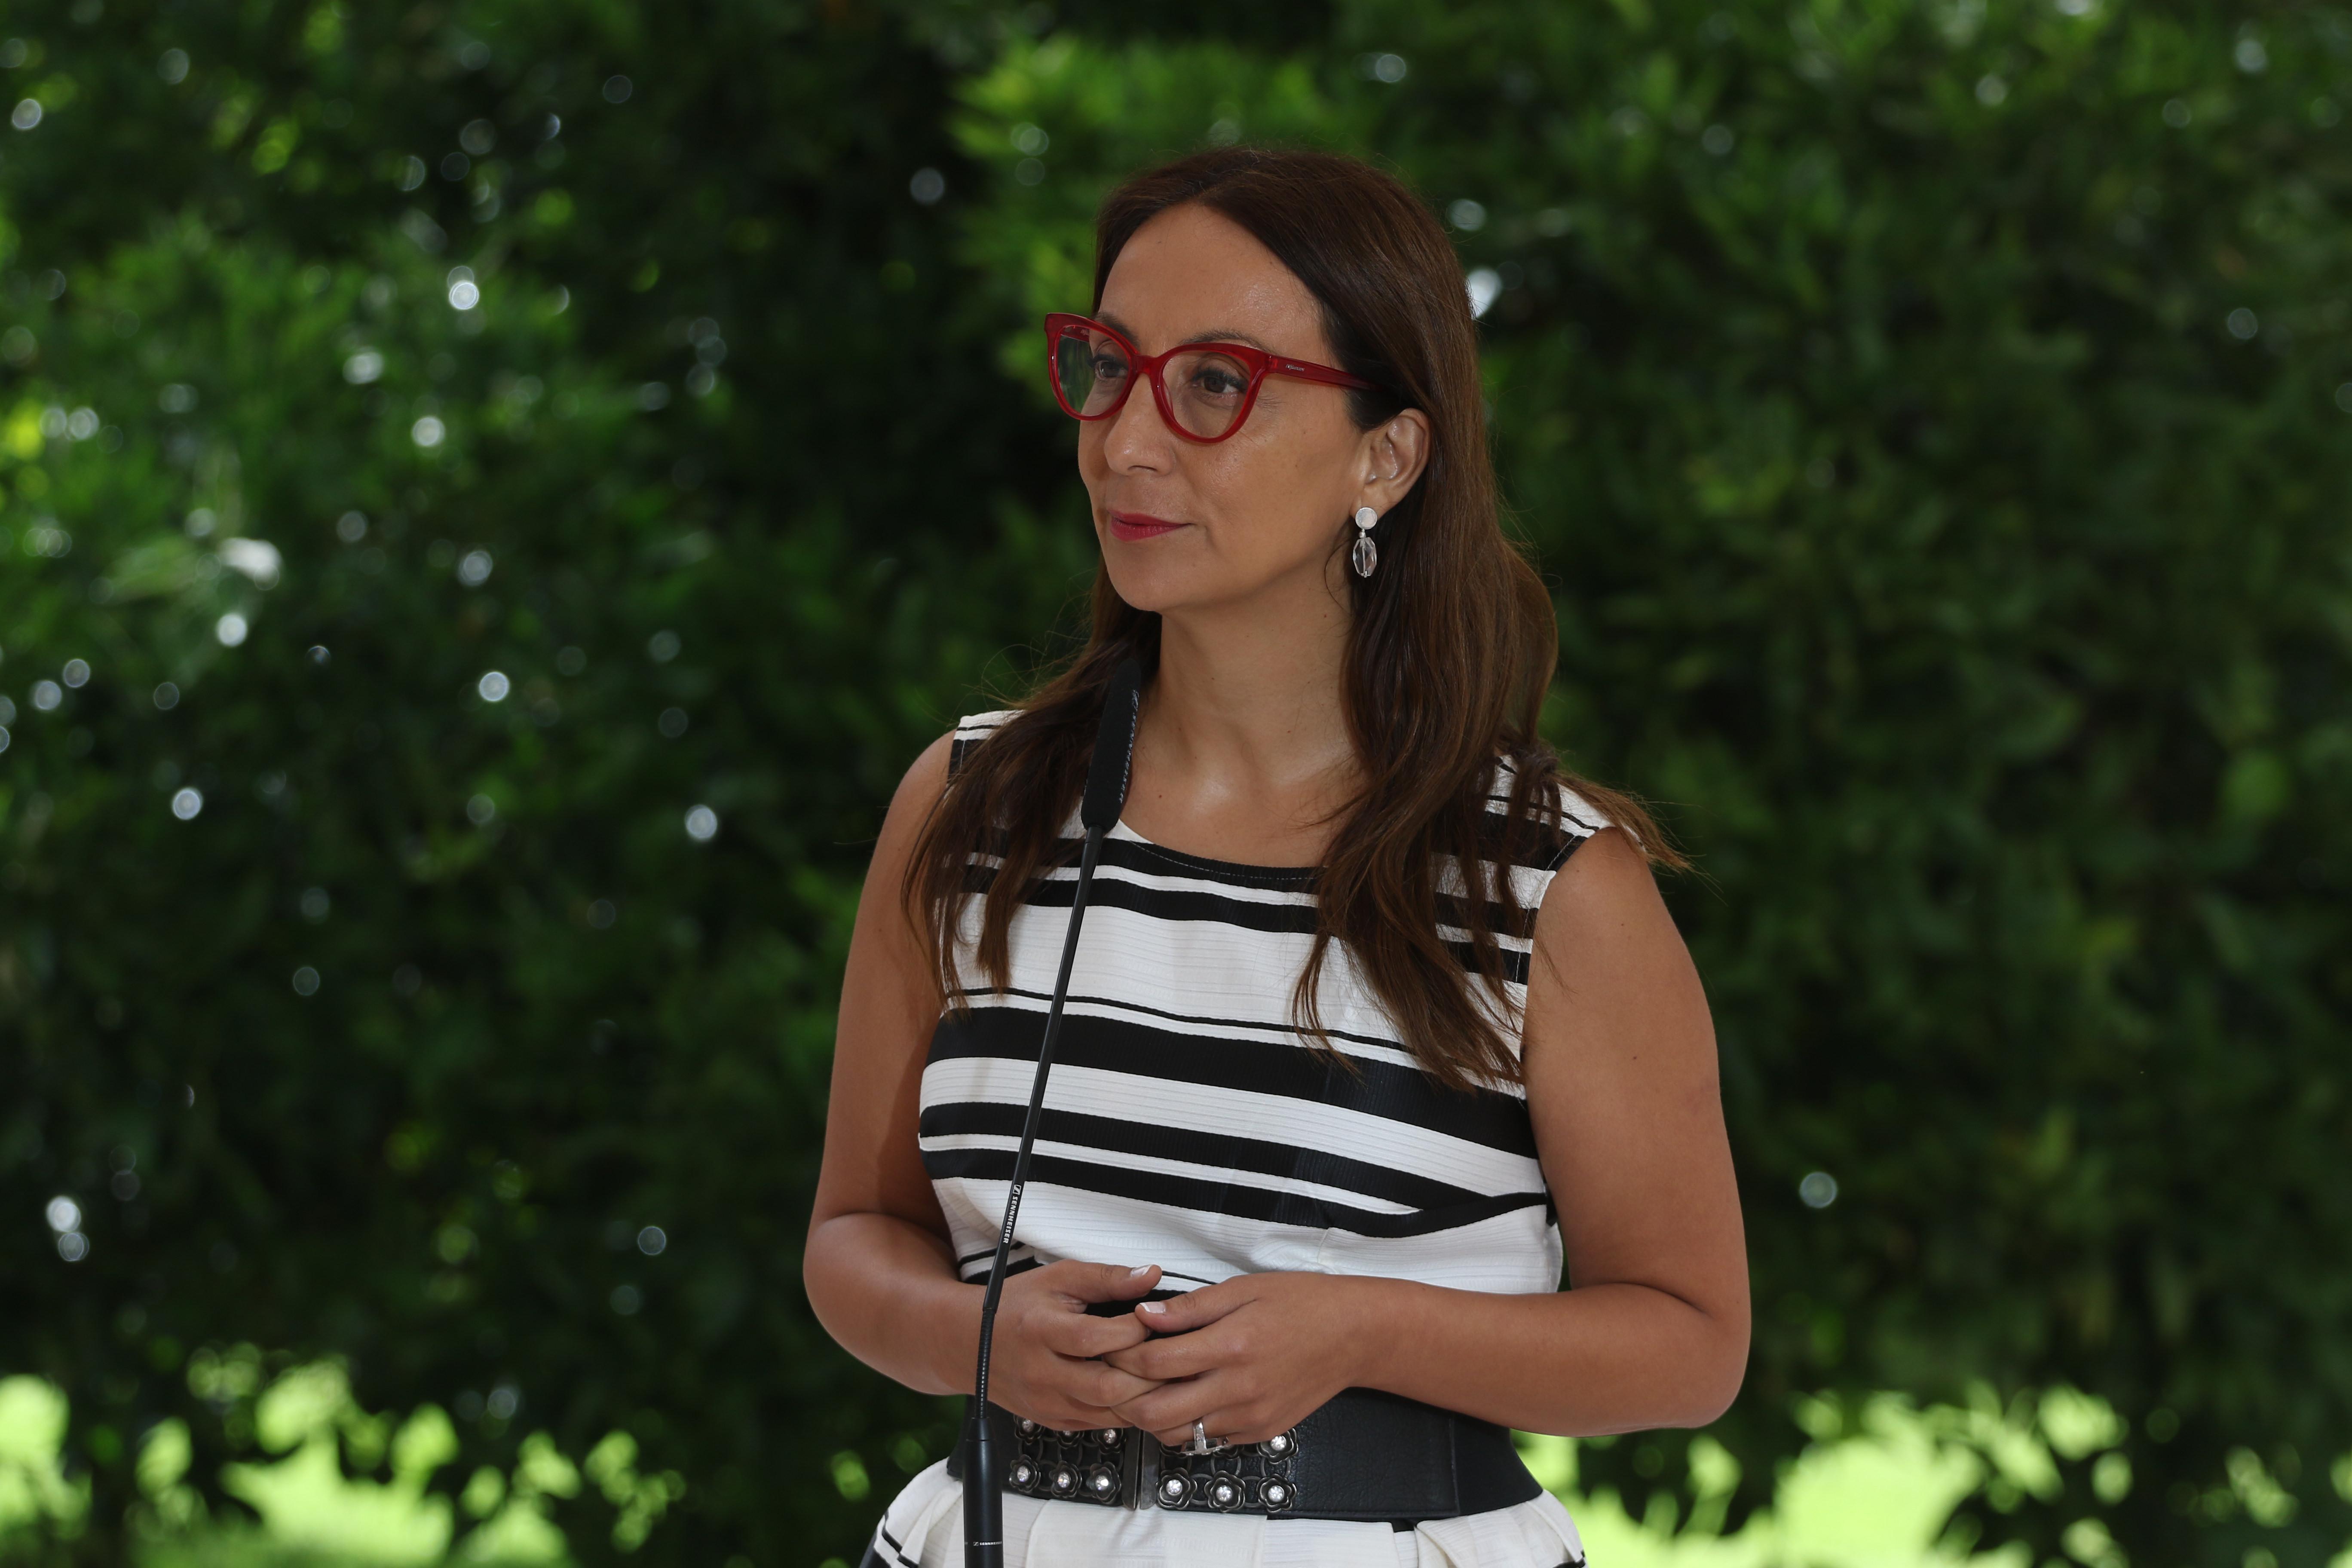 15 de enero de 2019/SANTIAGO La ministra Secretaria General de Gobierno, Cecilia Pérez, habla sobre los dichos de la diputada Marisela Santibáñez, sobre Jaime Guzmán. FOTO: SEBASTIAN BELTRAN GAETE/AGENCIAUNO